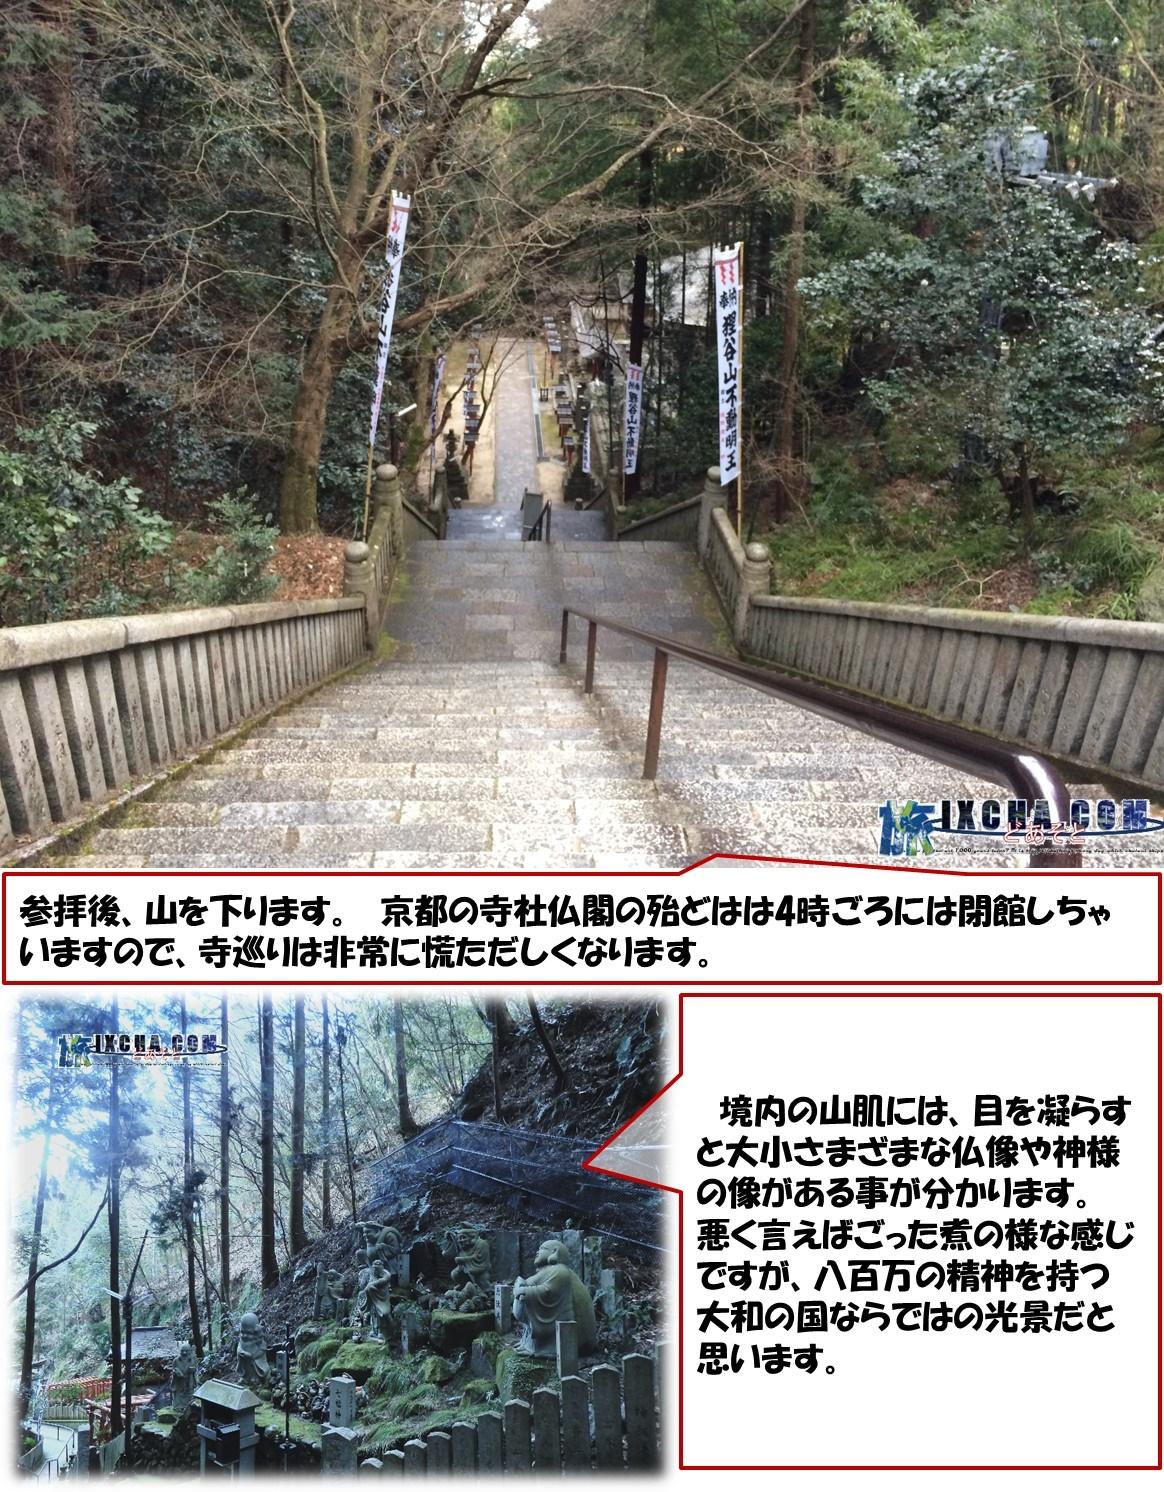 三社明神堂 ここは寺院ですが、境内には神様を祀る「三社明神」が有ります。 「三社明神」は衣食住愛の神で、享保年間木食上人により勧請祭祀されたものです。 神仏が同じエリアにあるというのは、世界では珍しく日本の和の精神そのものなんだと思います。